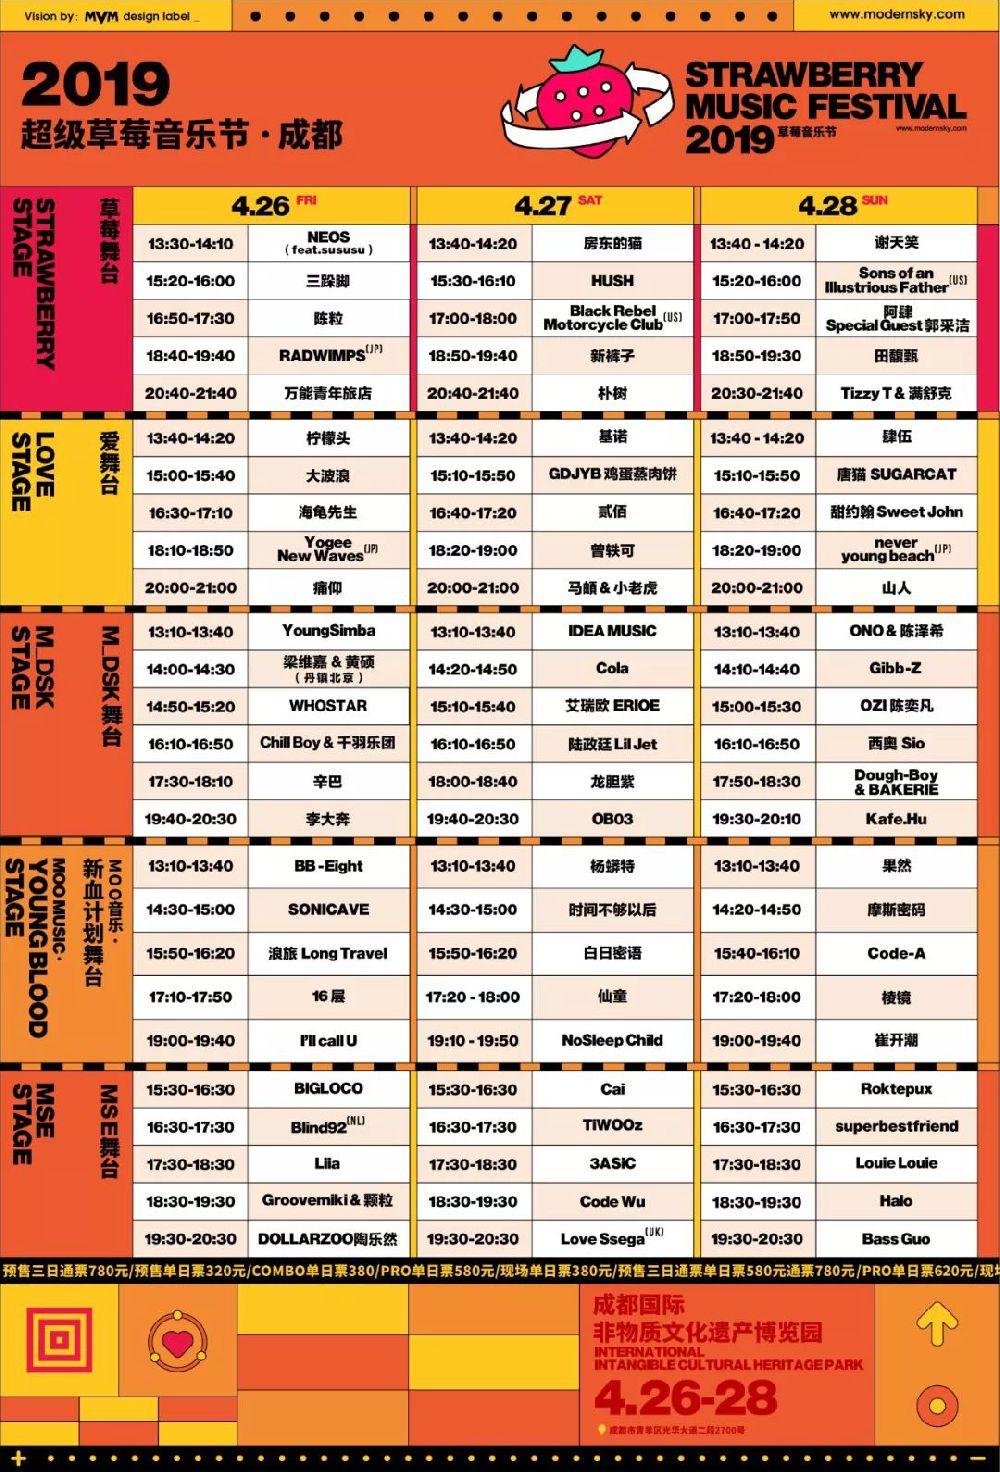 2019年成都超级草莓音乐节嘉宾签售时间表